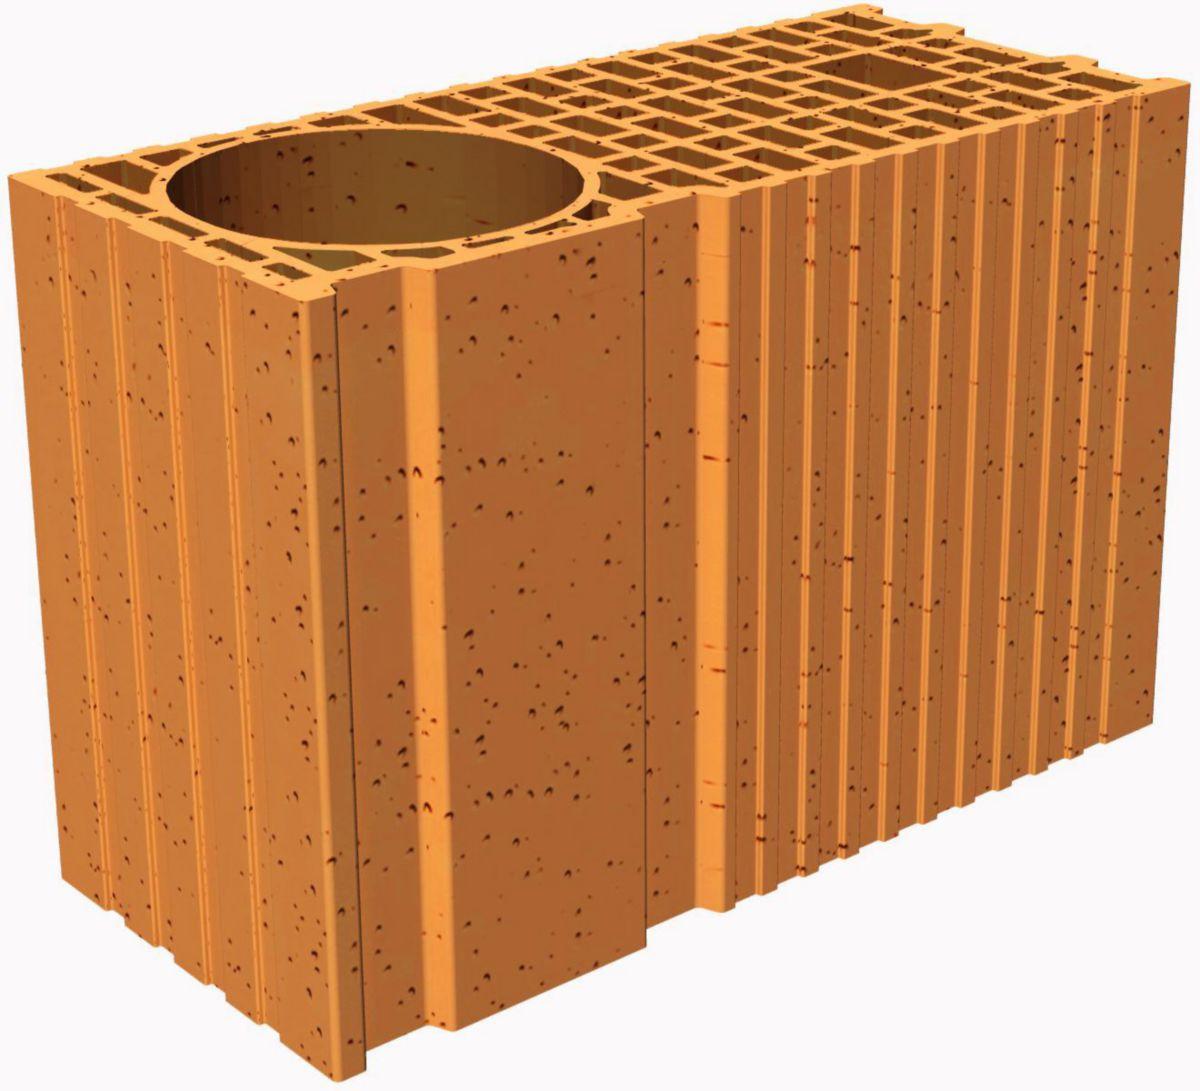 brique refractaire bricoman prix bricoman aulnay sous bois meuble inoui prix carburant maroc. Black Bedroom Furniture Sets. Home Design Ideas